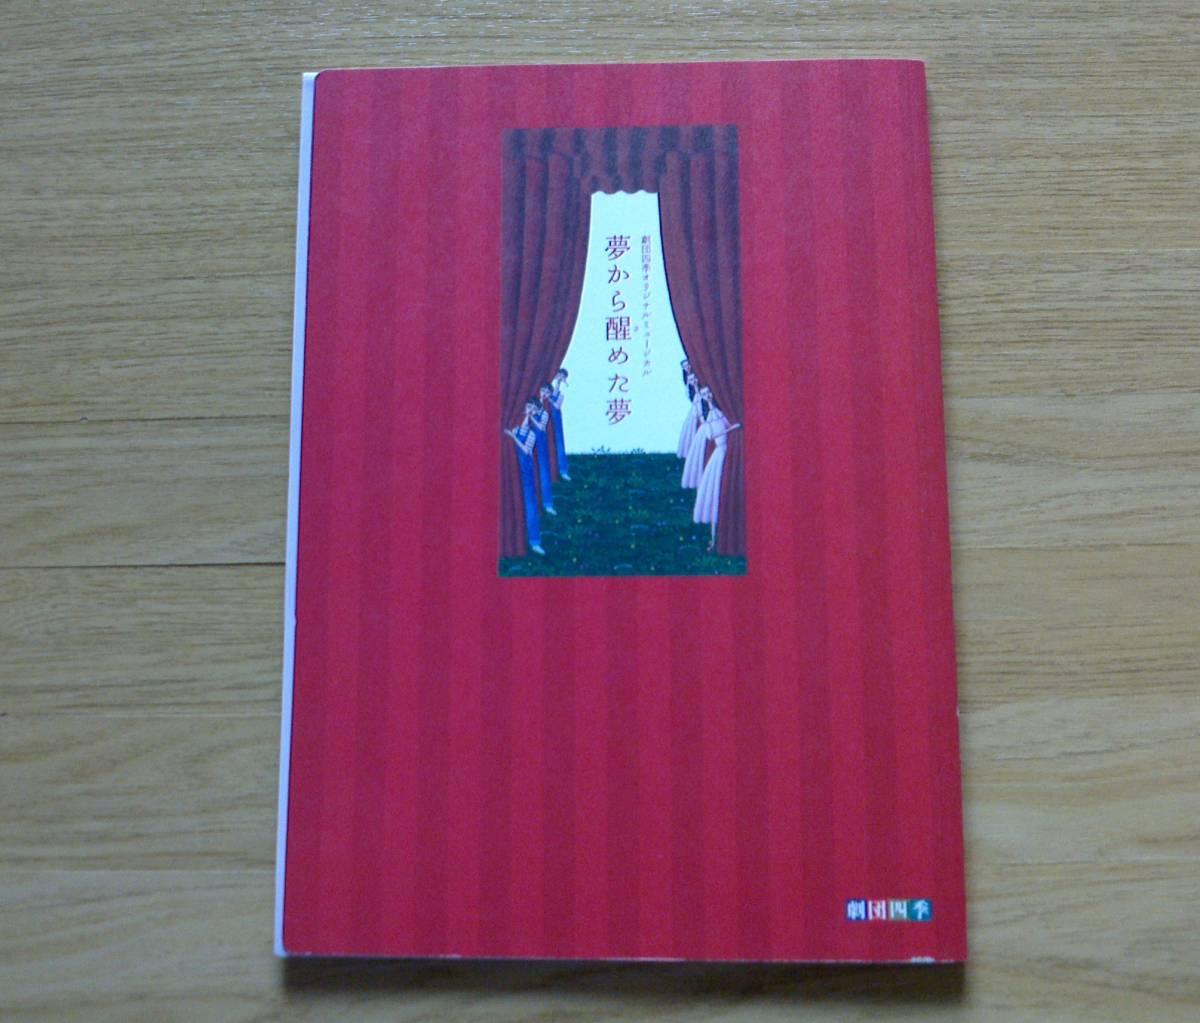 中古 ≪劇団四季 パンフレット≫ 『夢から醒めた夢』 2006年